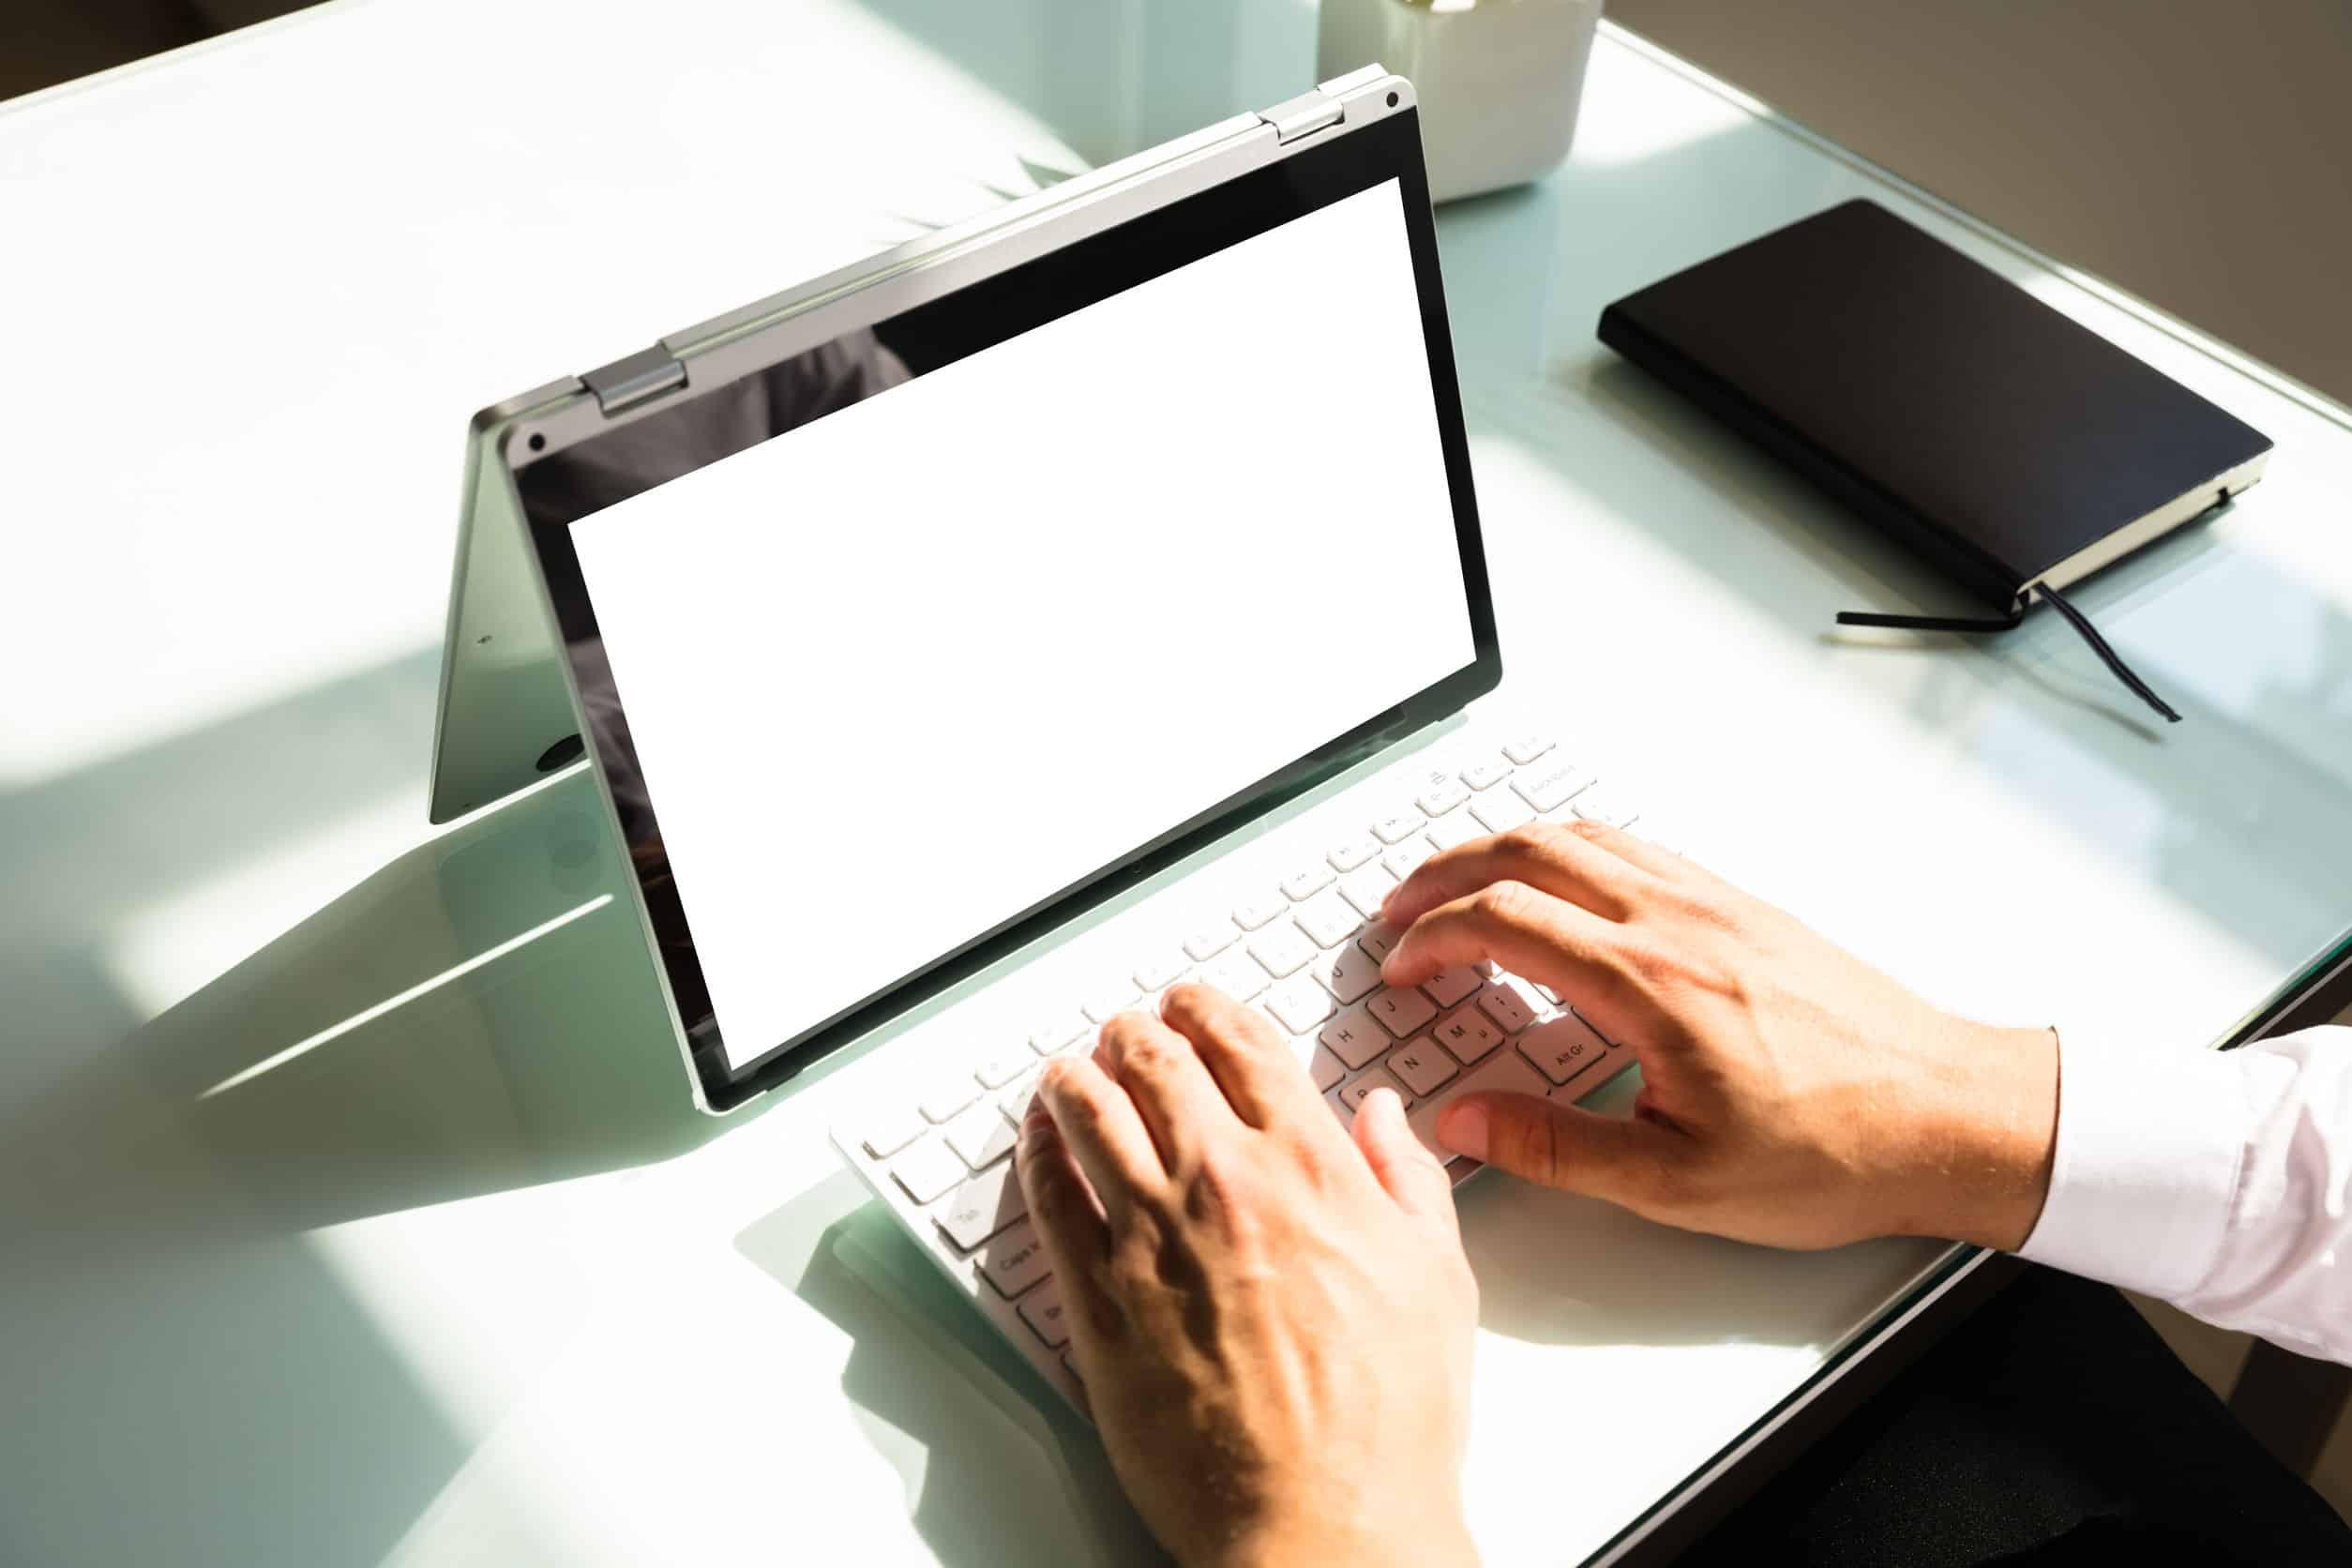 Na foto um homem usando um notebook 2 em 1 em cima de uma mesa.